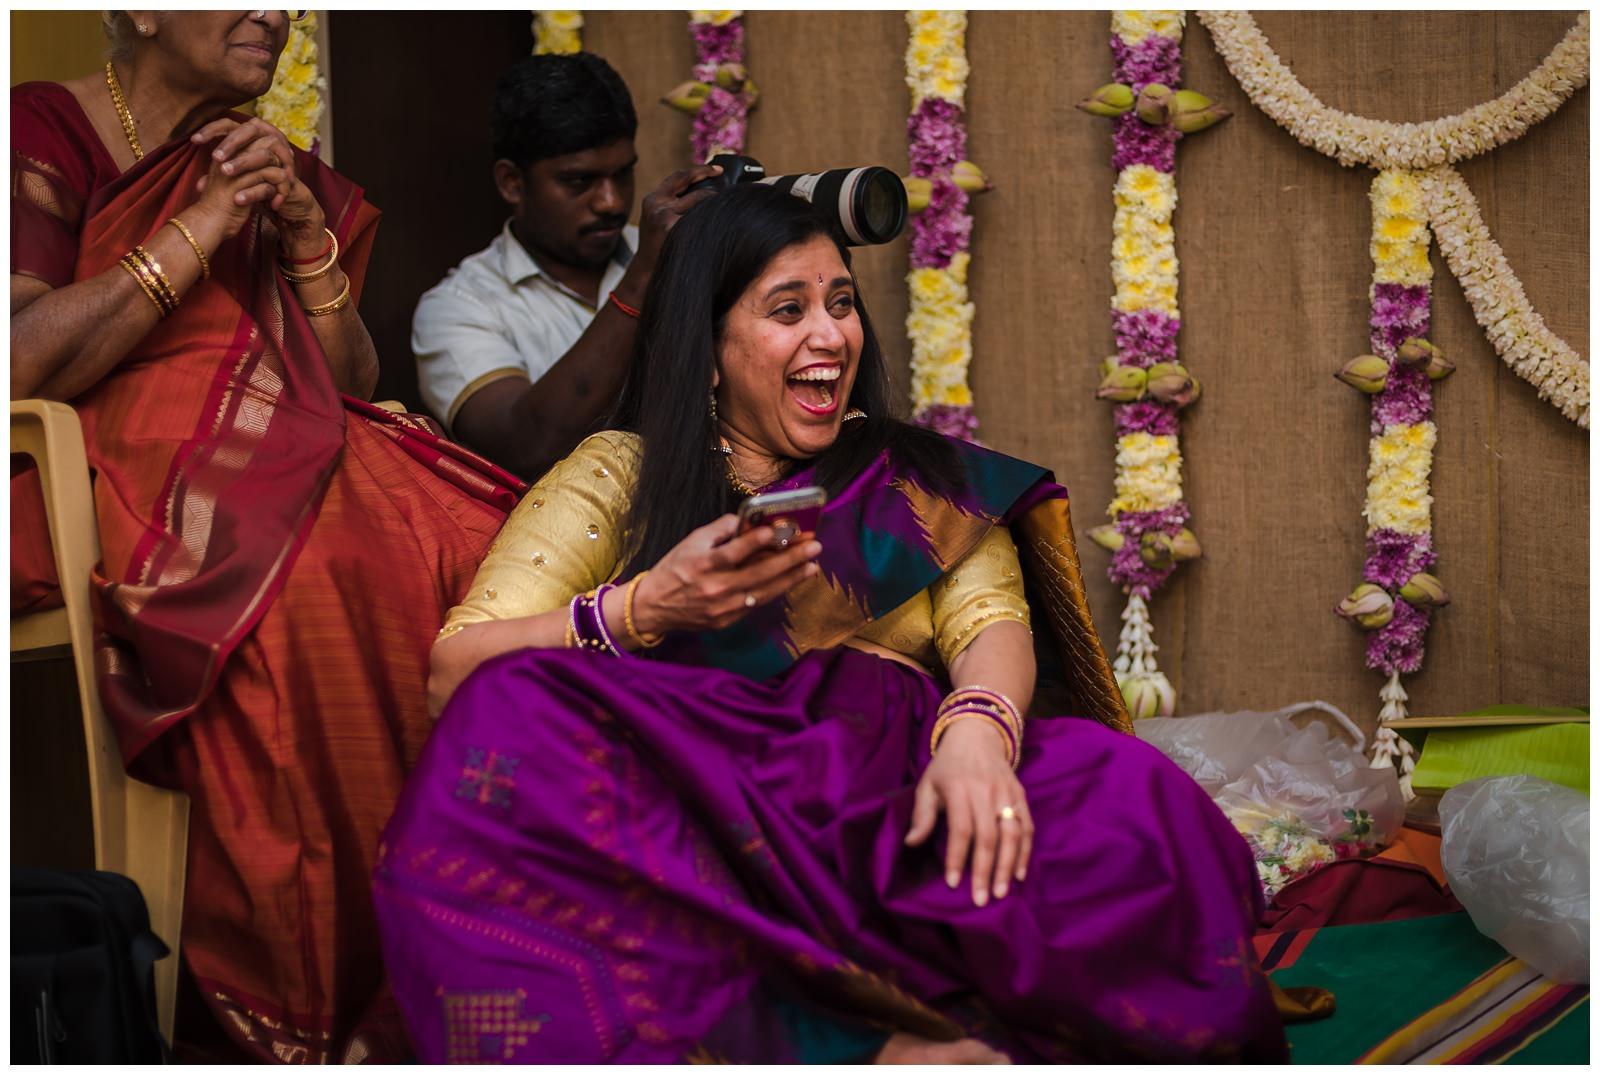 22012018-Siddharth-Shradha-Wedding-Candid-VR393-684-40.jpeg